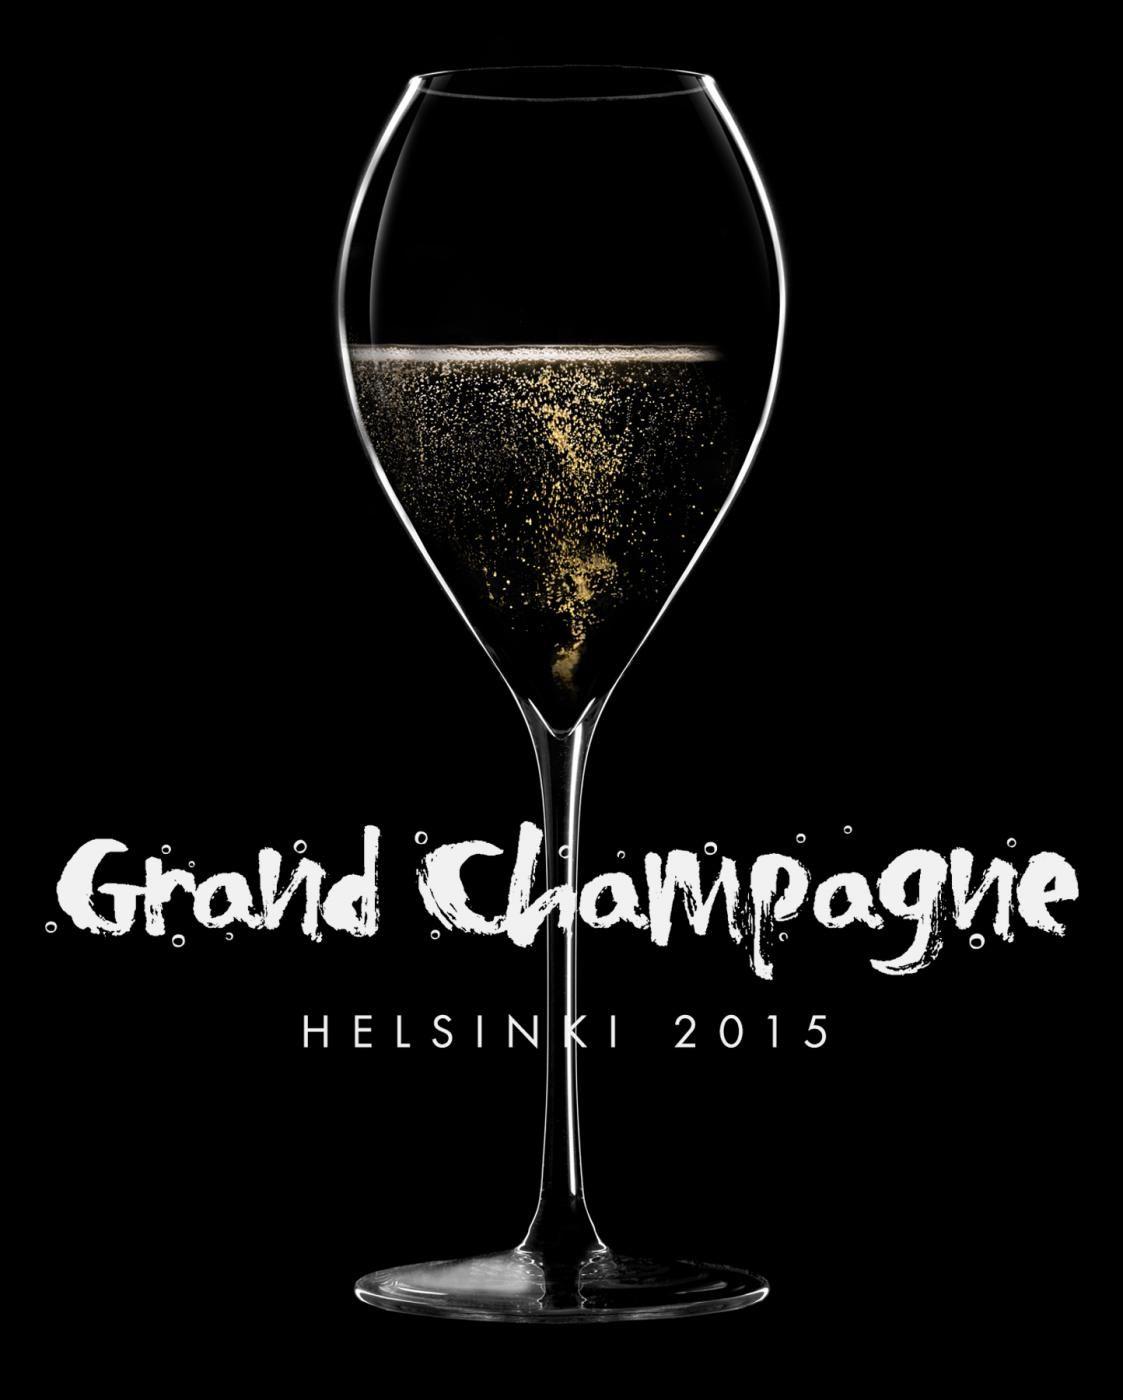 Grand Champagne Helsinki